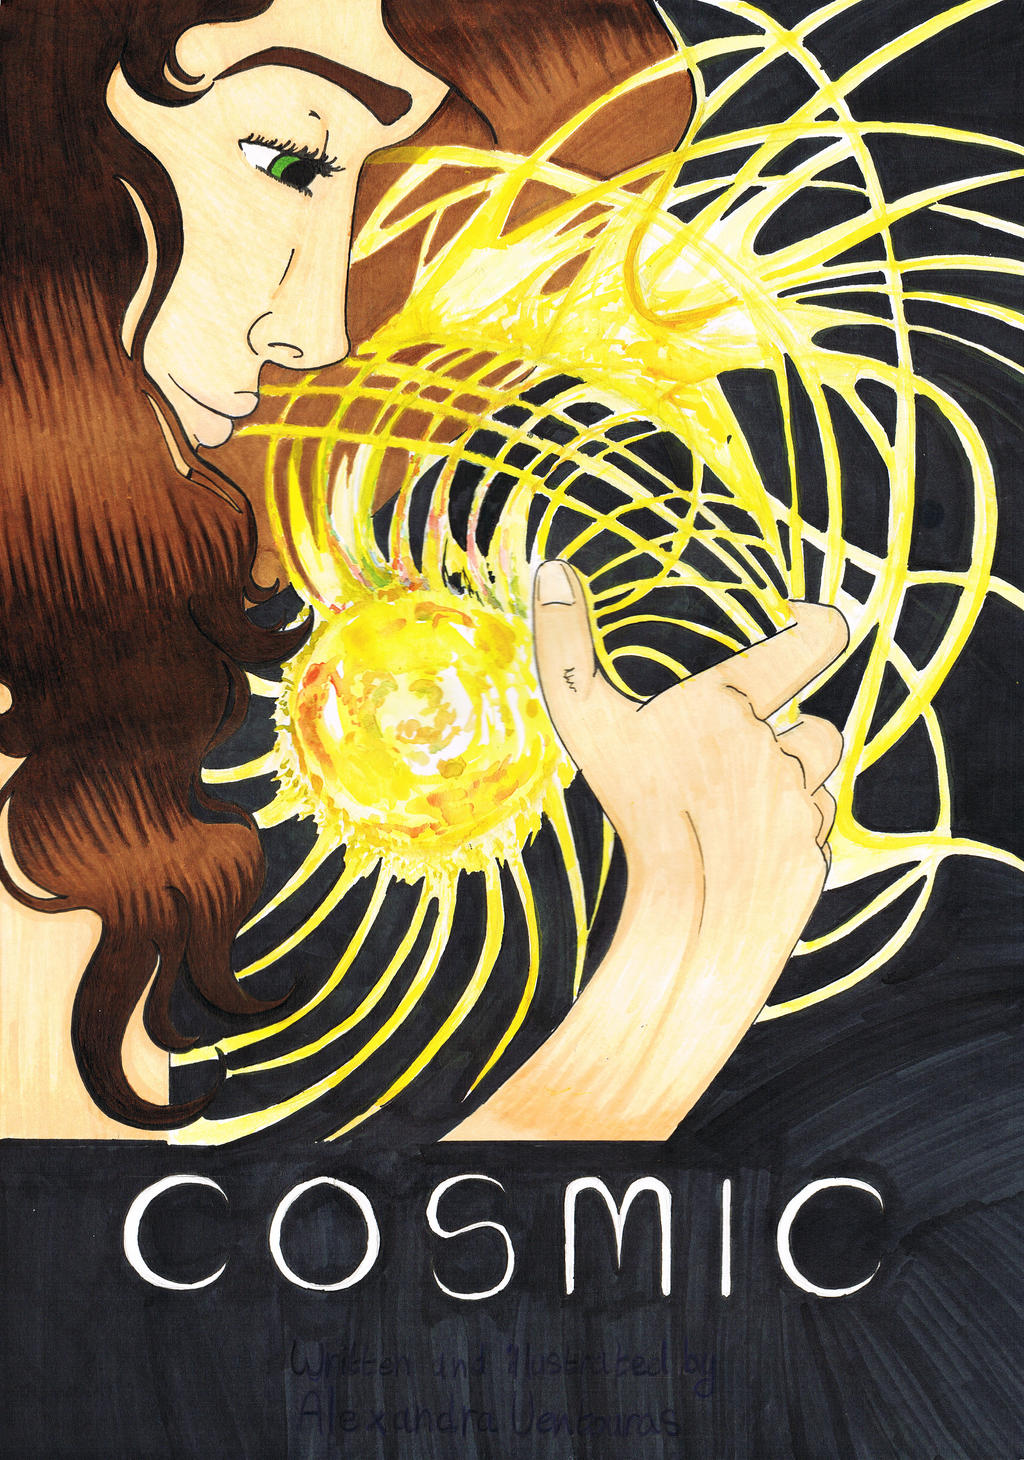 Cosmic-Title by xXIndigoStarXx